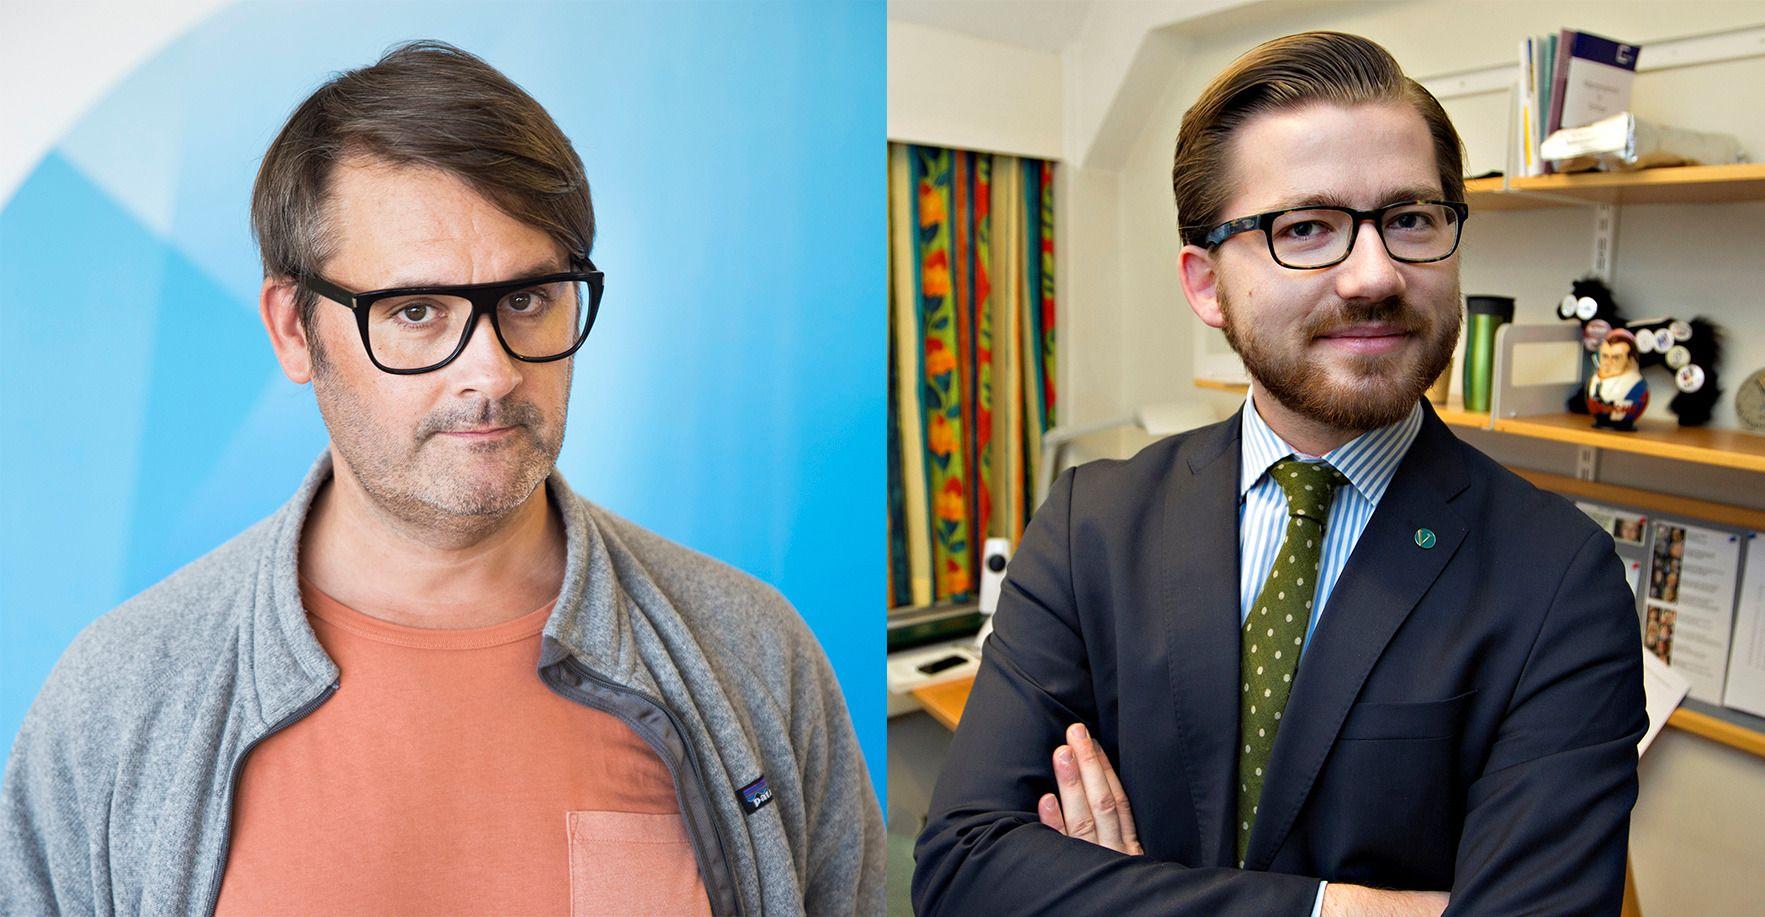 FIKK NEI: Thomas Seltzer (til venstre) fikk avslag på søknaden om å bli norsk statsborger, så lenge han beholdt sitt amerikanske. Det mener Venstres Sveinung Rotevatn er uriktig og gammeldags.